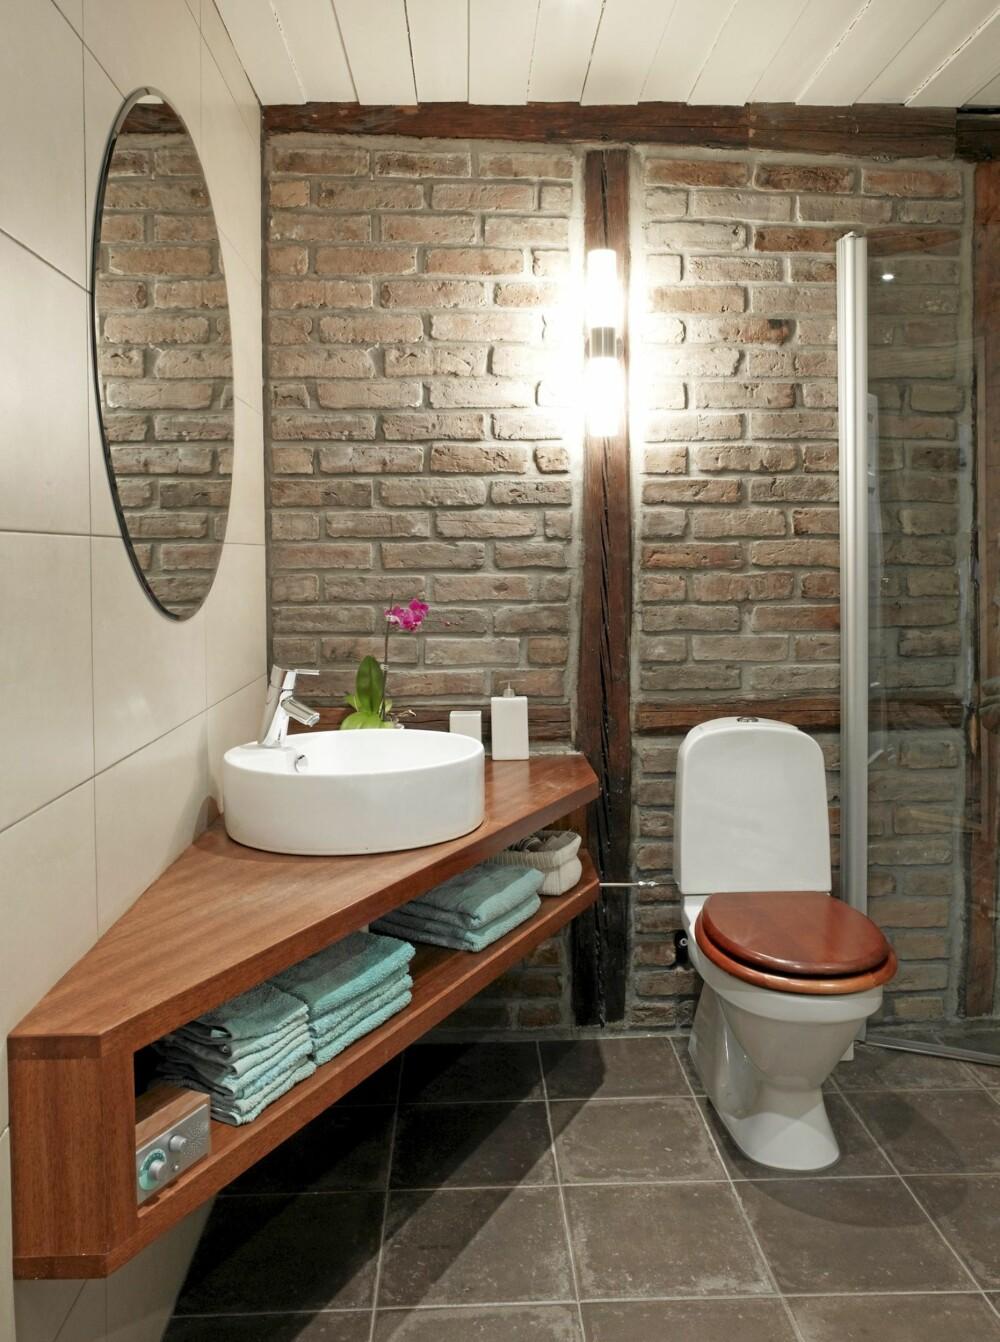 SKJEVE VINKLER: Beboeren har designet baderomsinnredningen selv pga rommets skjeve vinkler.